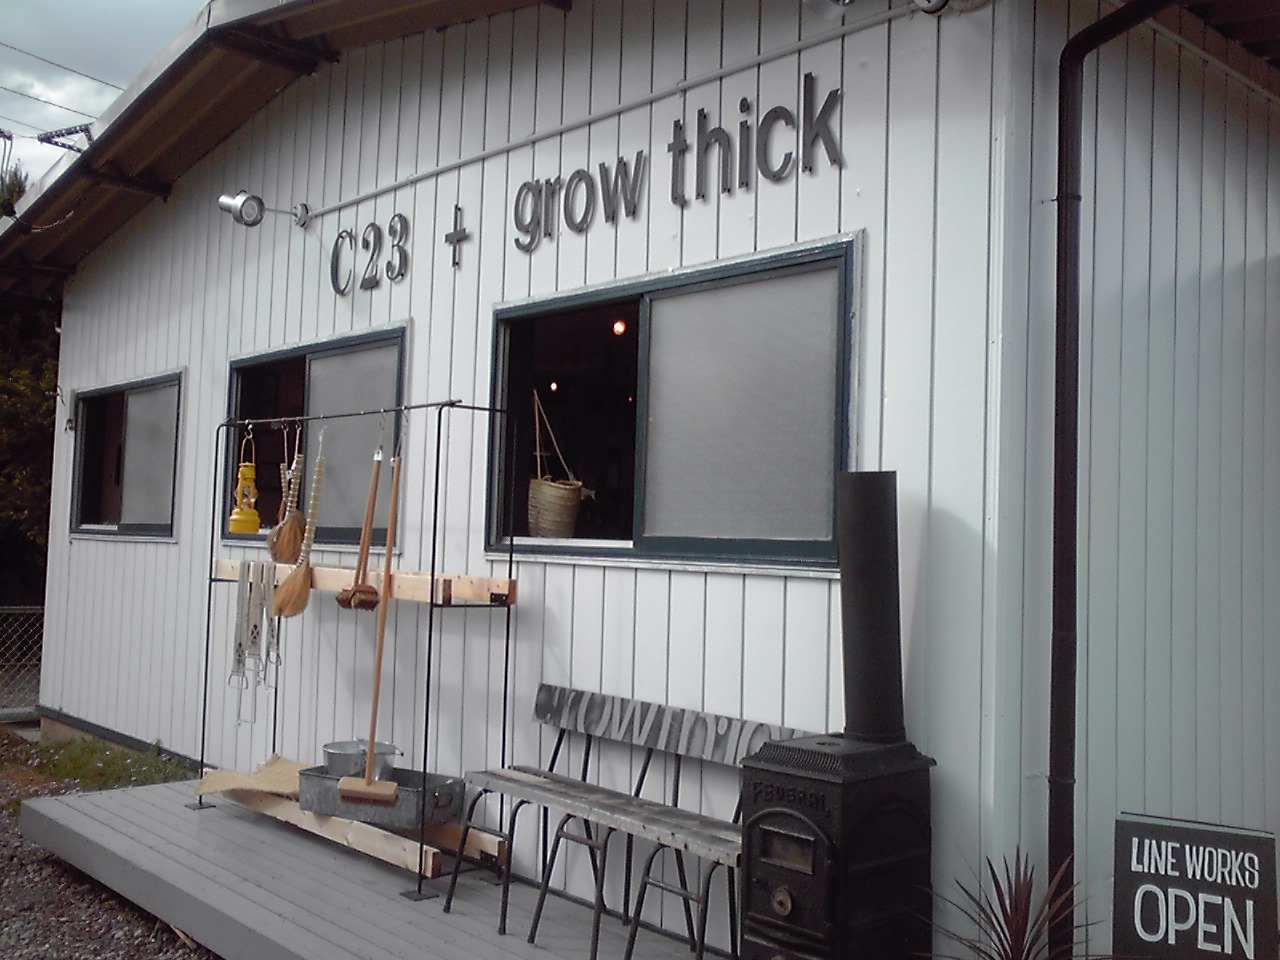 C23 + grow thick_e0155231_17245932.jpg